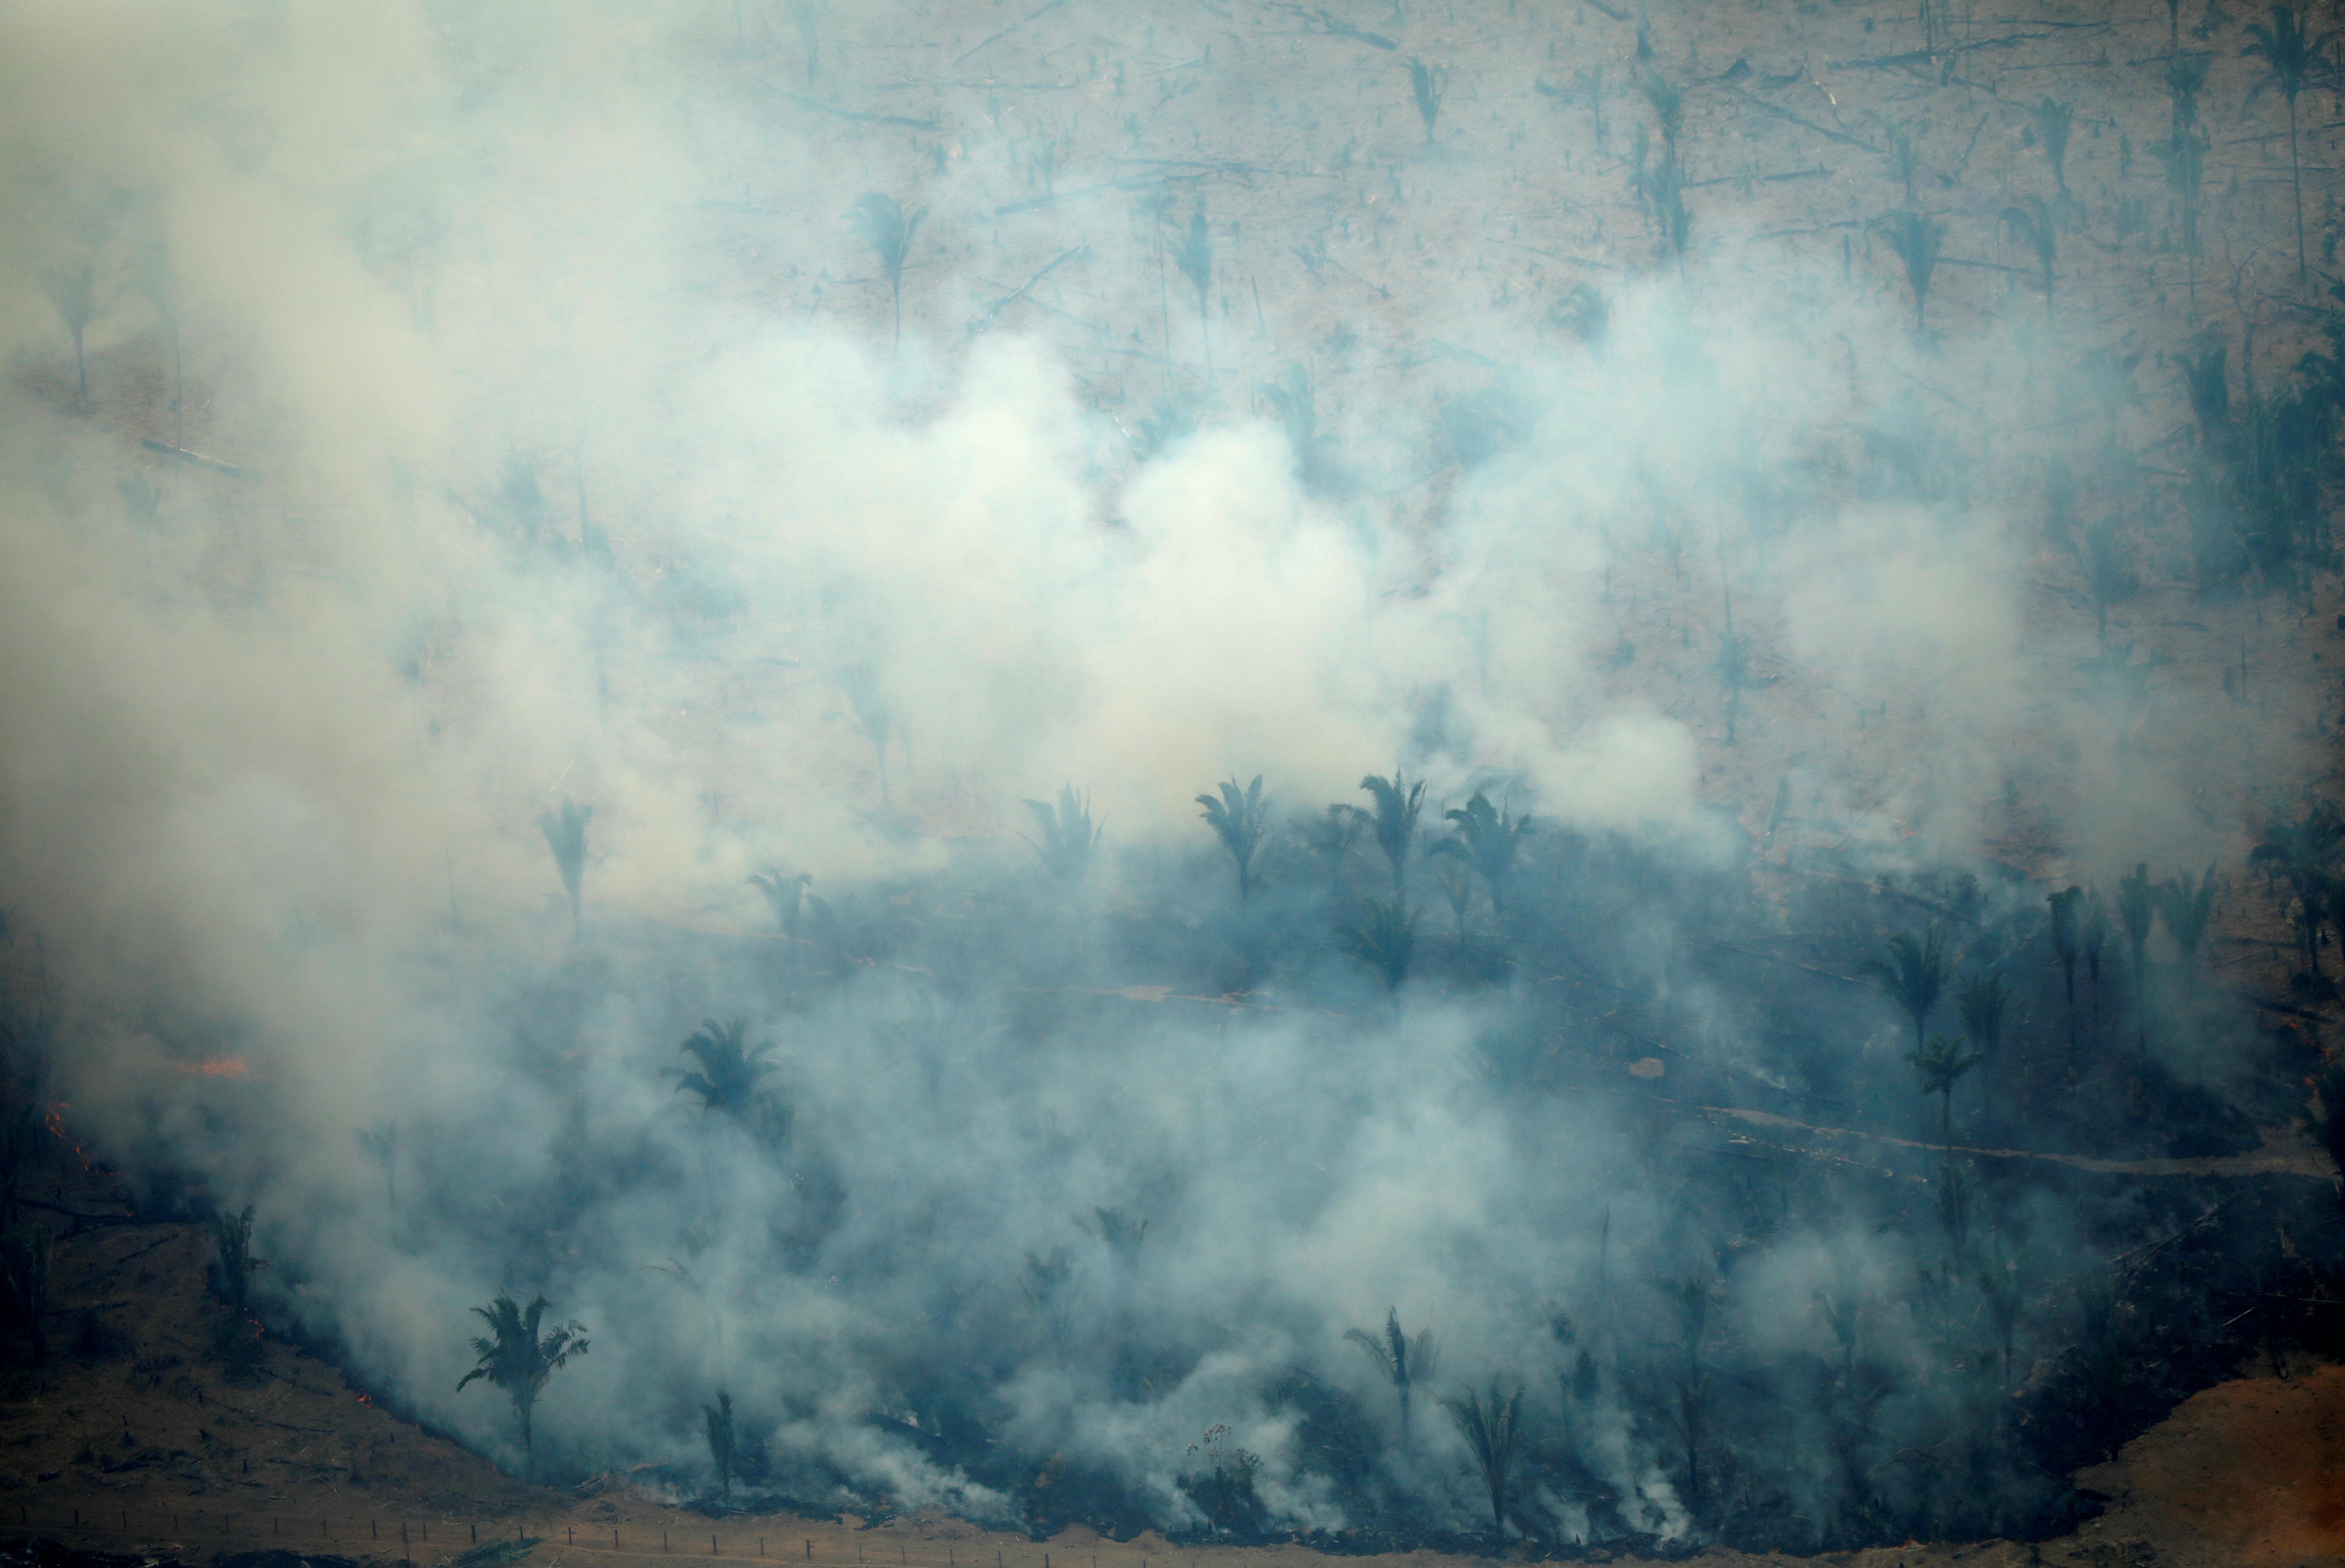 амазонія пожежа